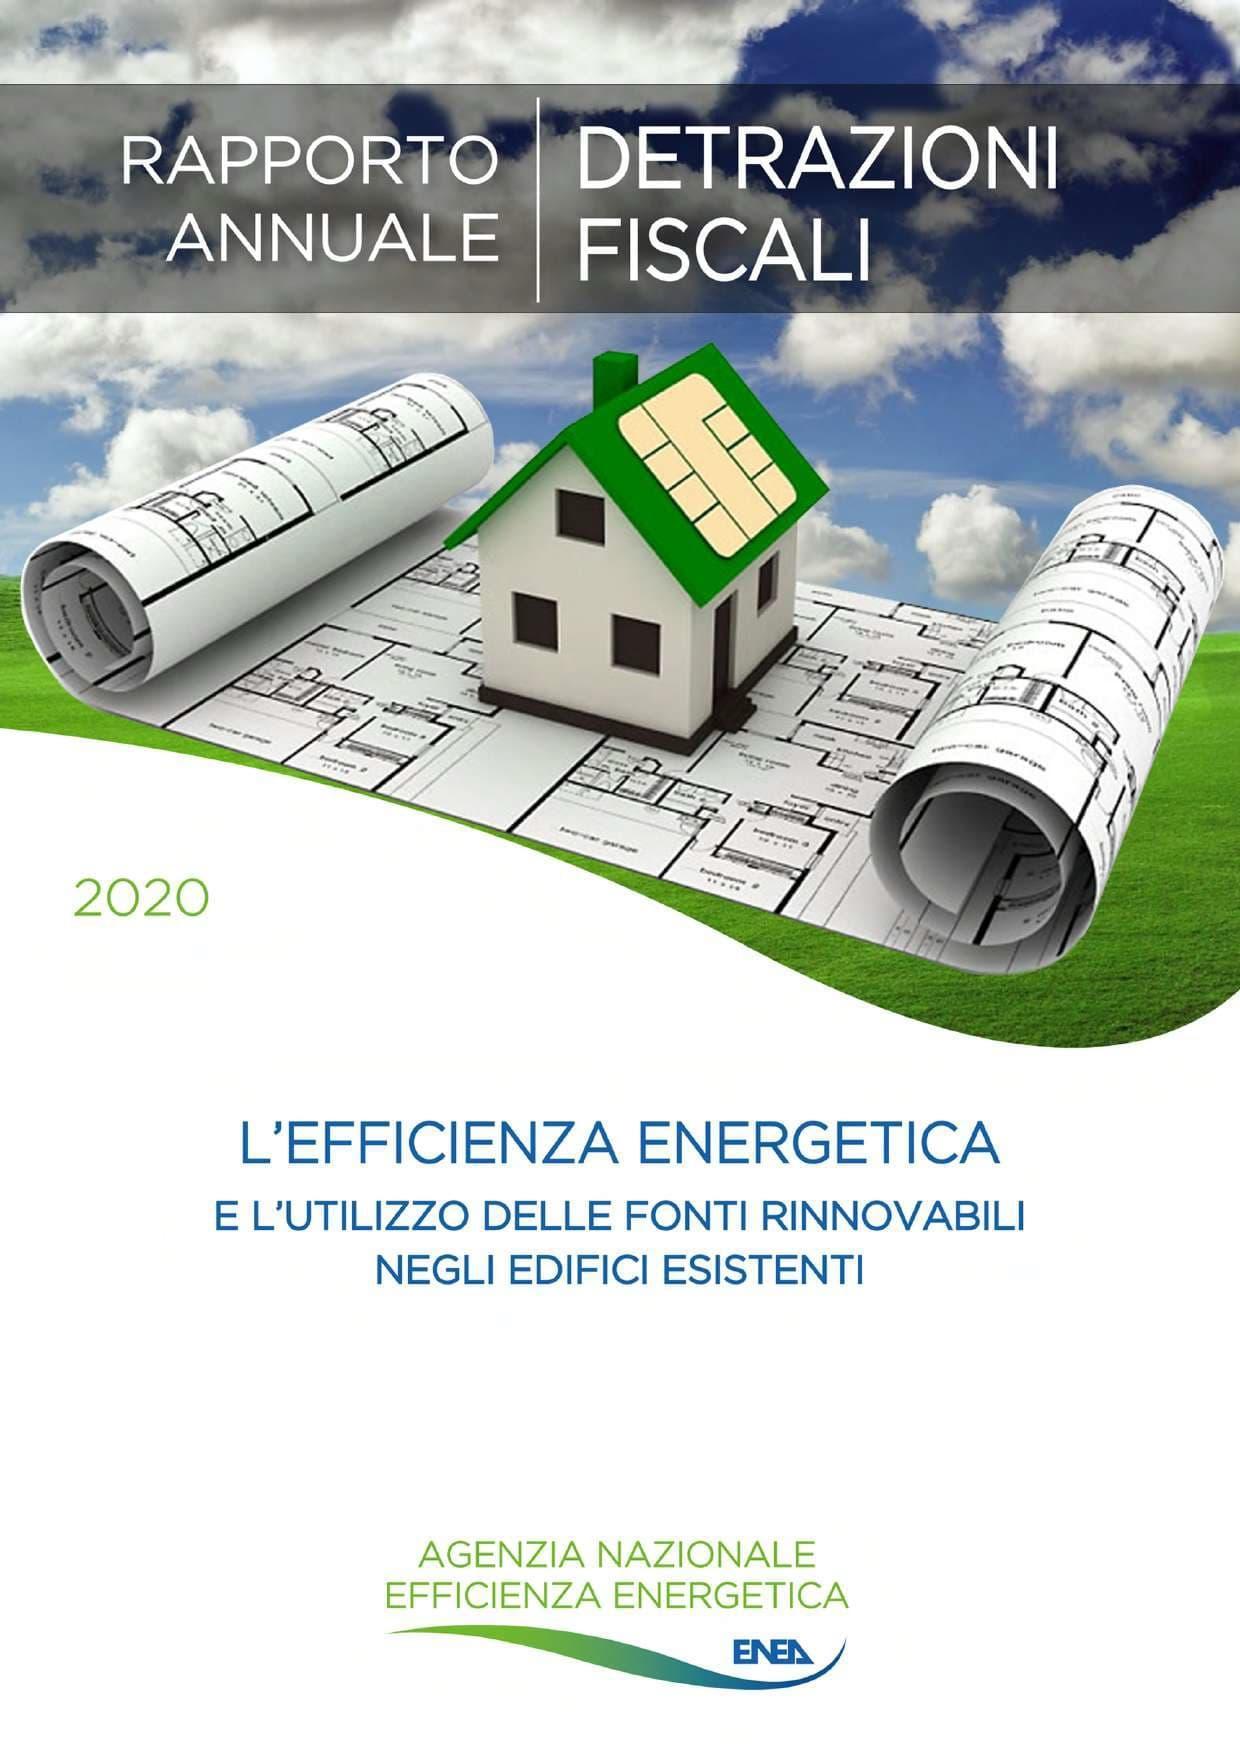 Rapporto Annuale sulle DETRAZIONI FISCALI 2020